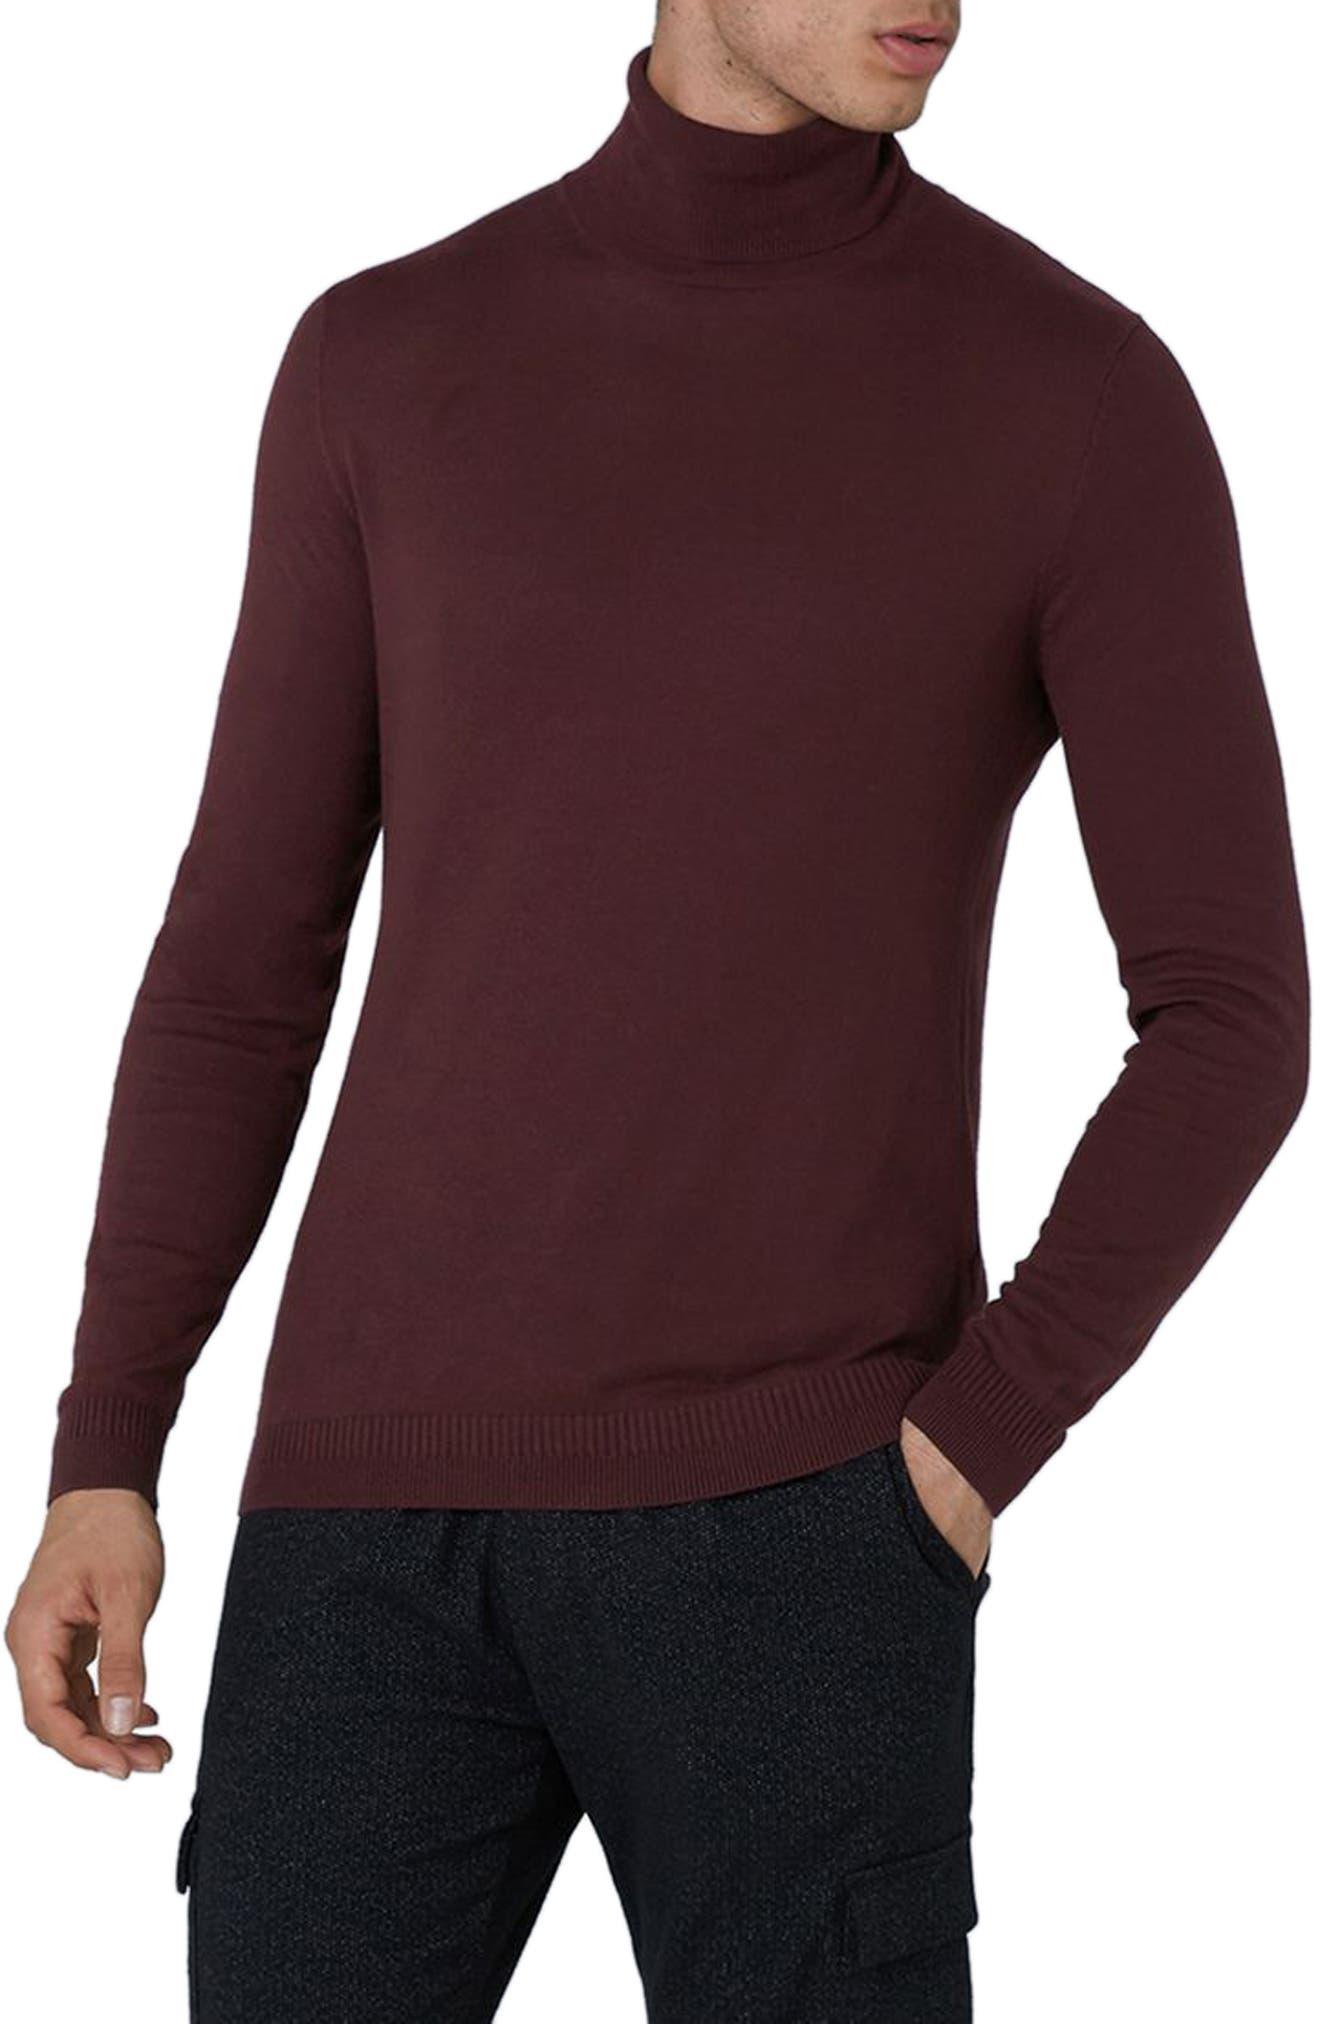 Cotton Turtleneck Sweater,                             Main thumbnail 3, color,